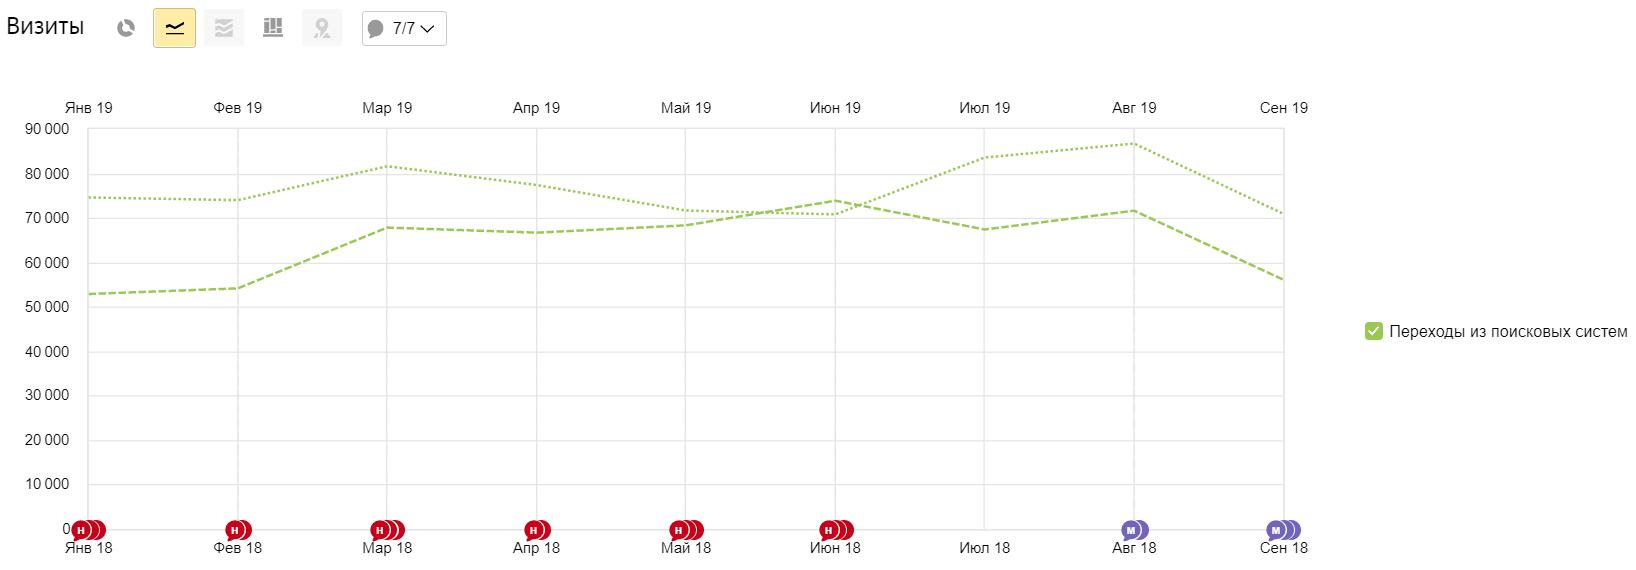 Динамика трафика до и после SEO-продвижения по данным Яндекса